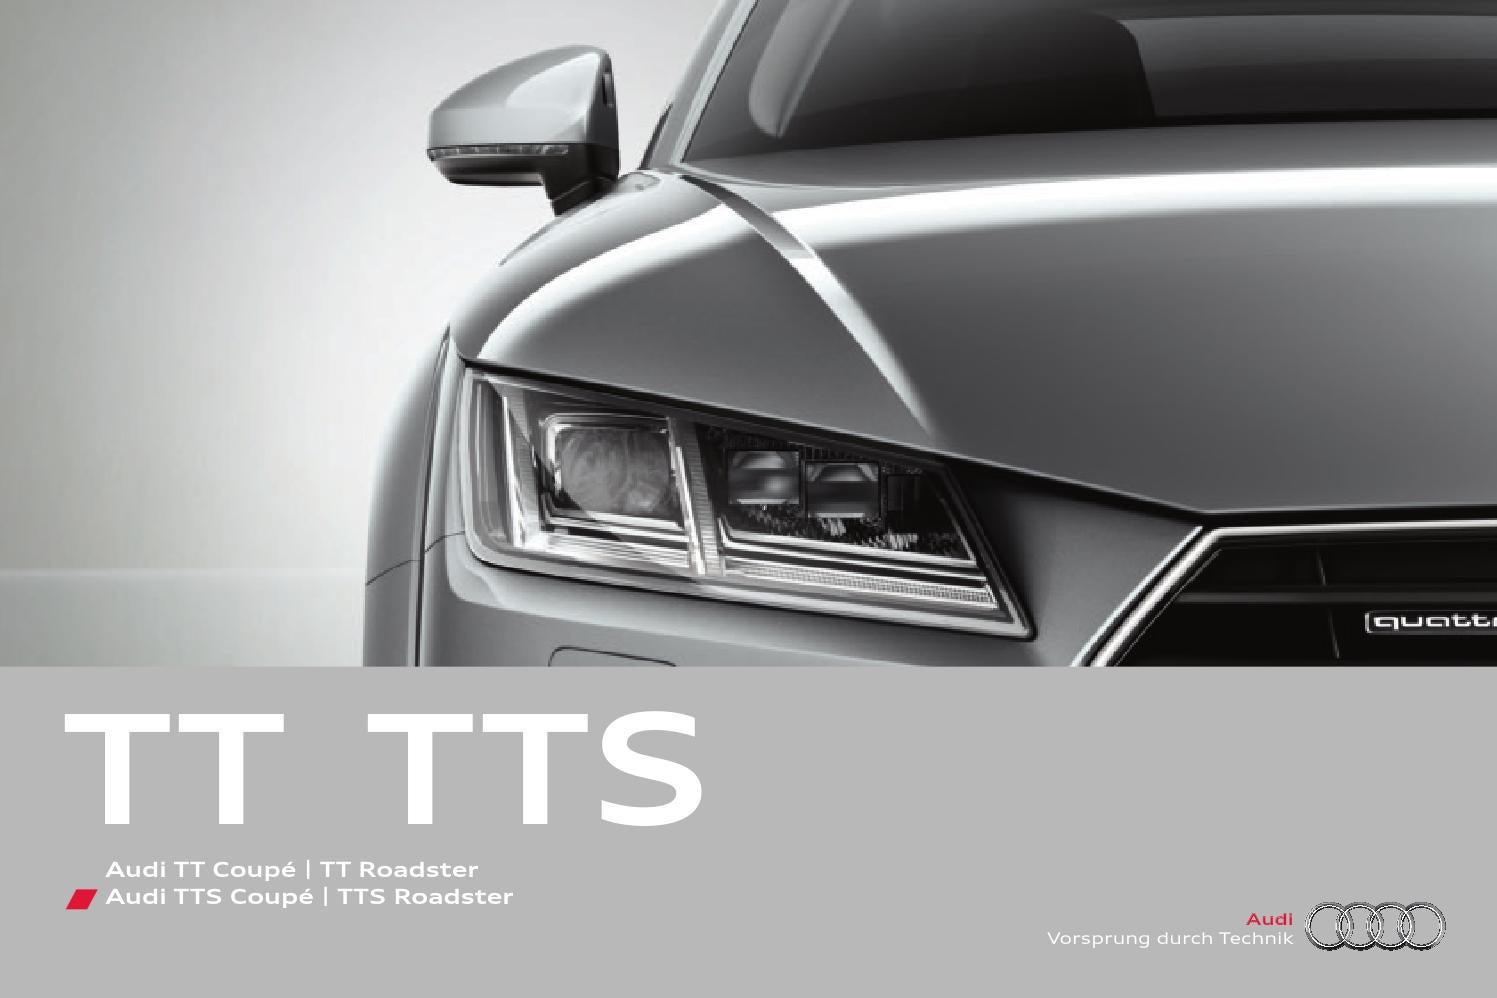 Audi Tt Esite By Zeeland Family Issuu List Moulding Chrome 10mm Body Interior